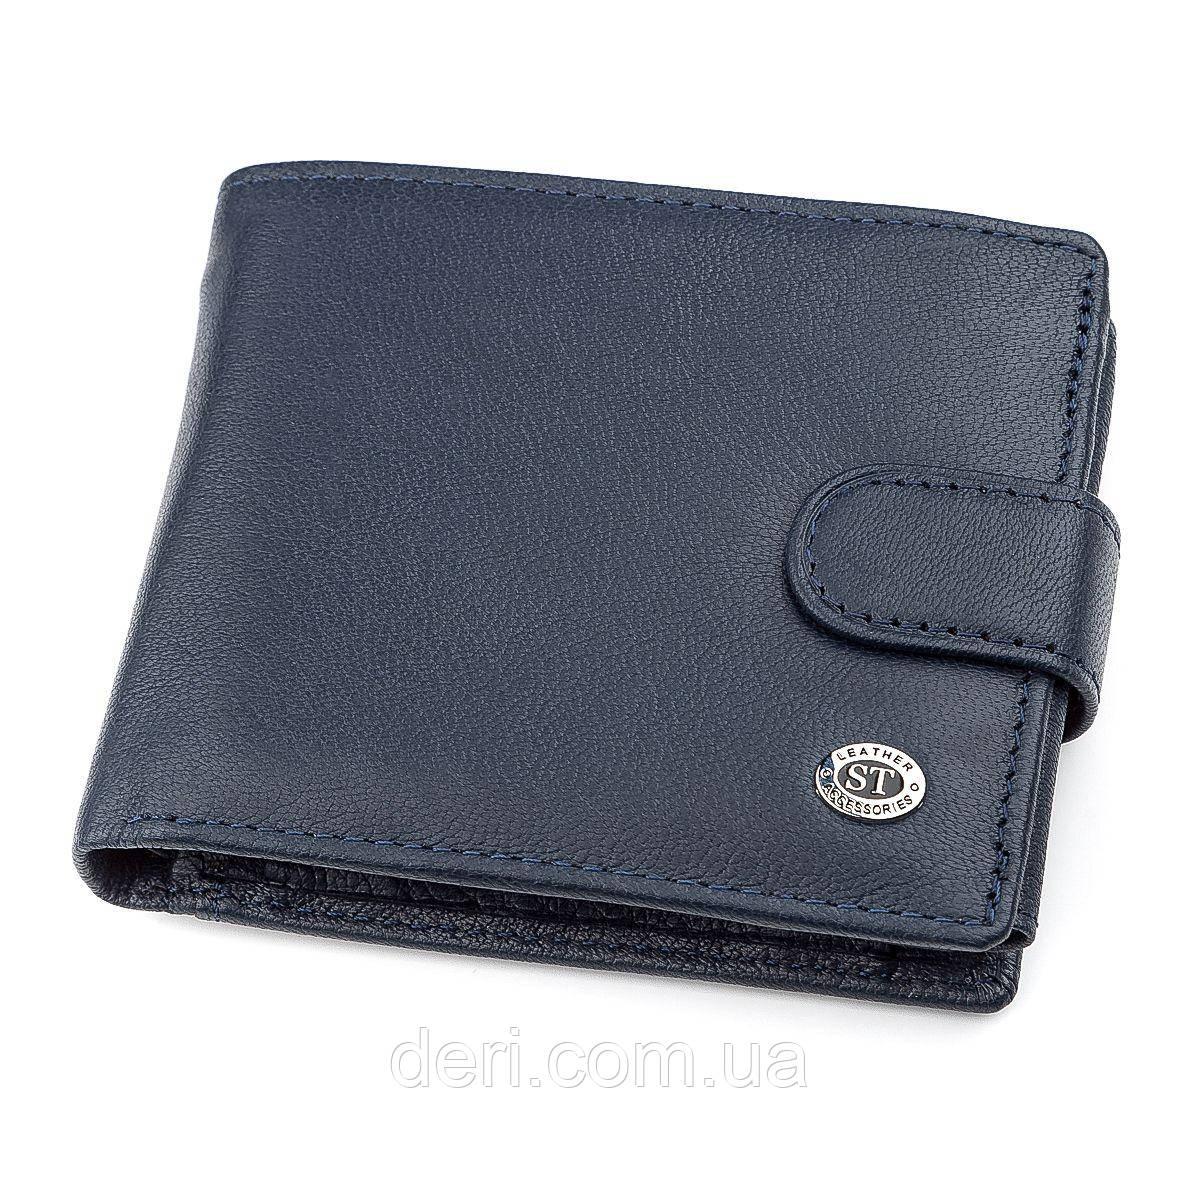 Мужской кошелек ST Leather 18333 (ST102) удобный Синий, Синий